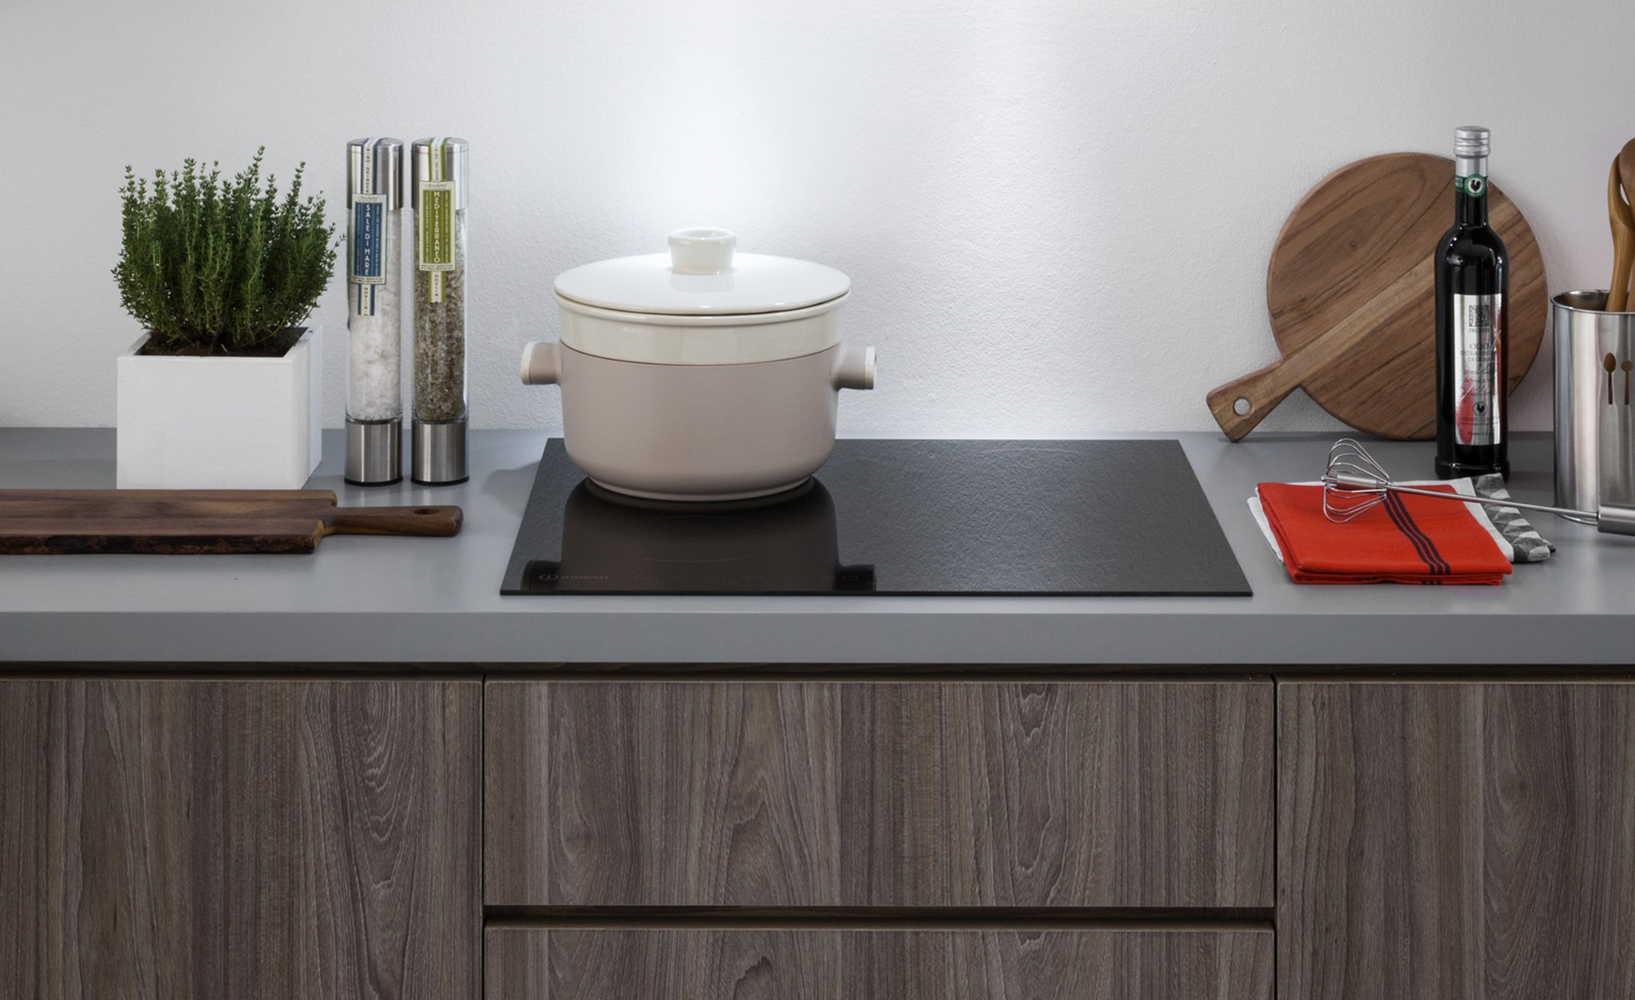 Aria cooking suite la gamma di forni da incasso for Piani di aggiunta suite suocera